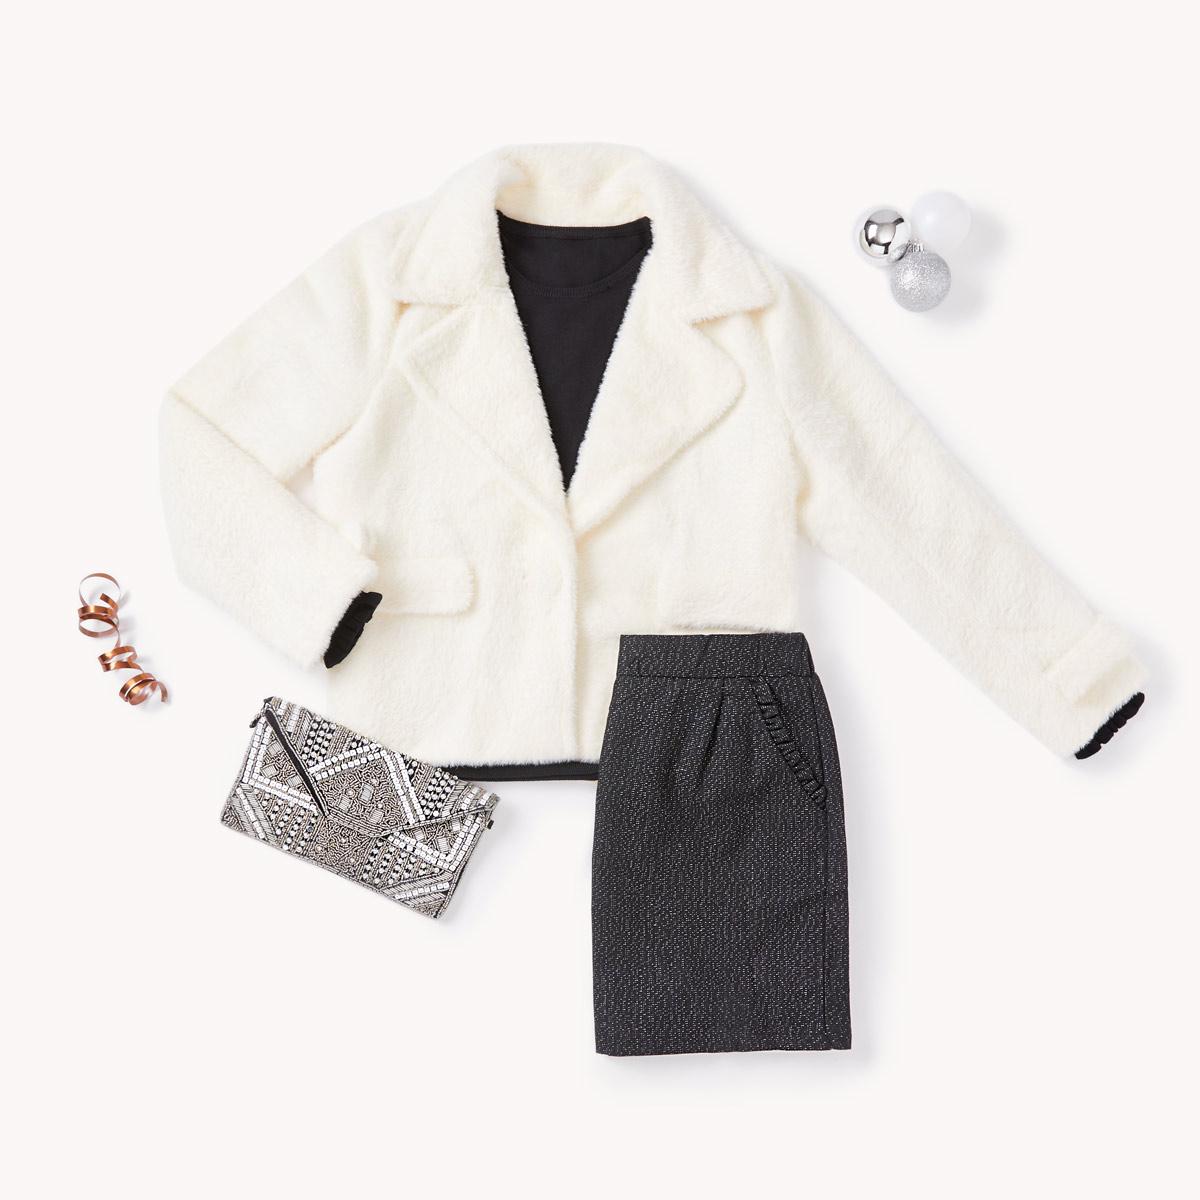 petit haut noir classique et la jupe noire effet shiny